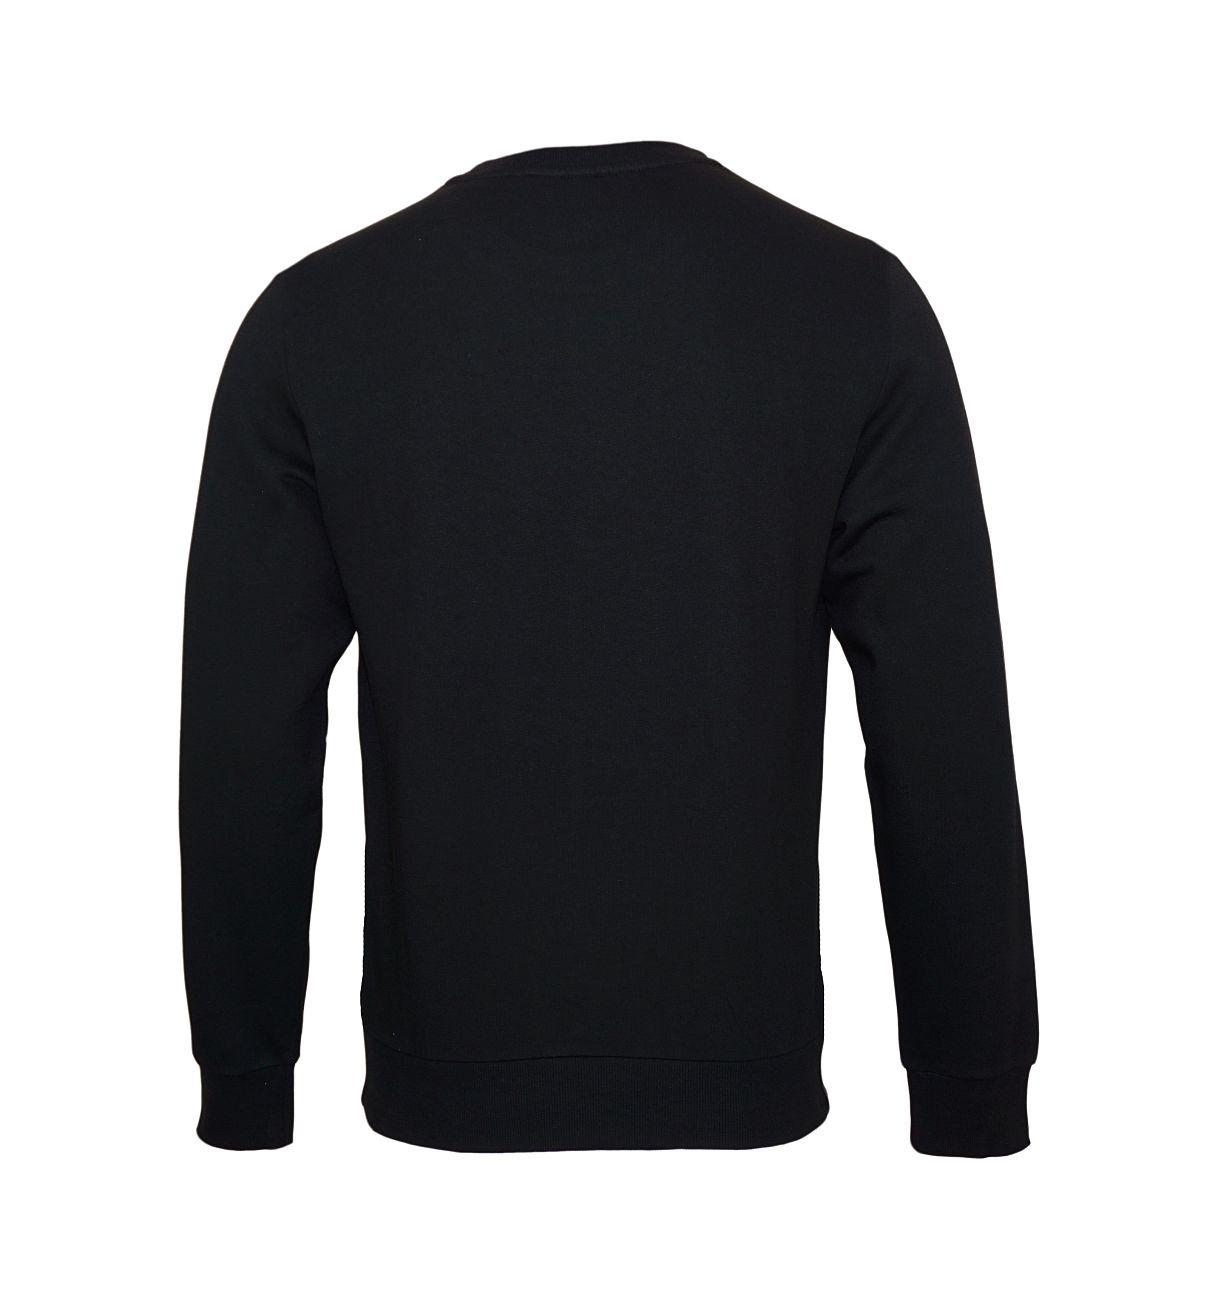 Emporio Armani Sweater Pullover Rundhals 111785 8A571 00020 NERO SH18-EAS2